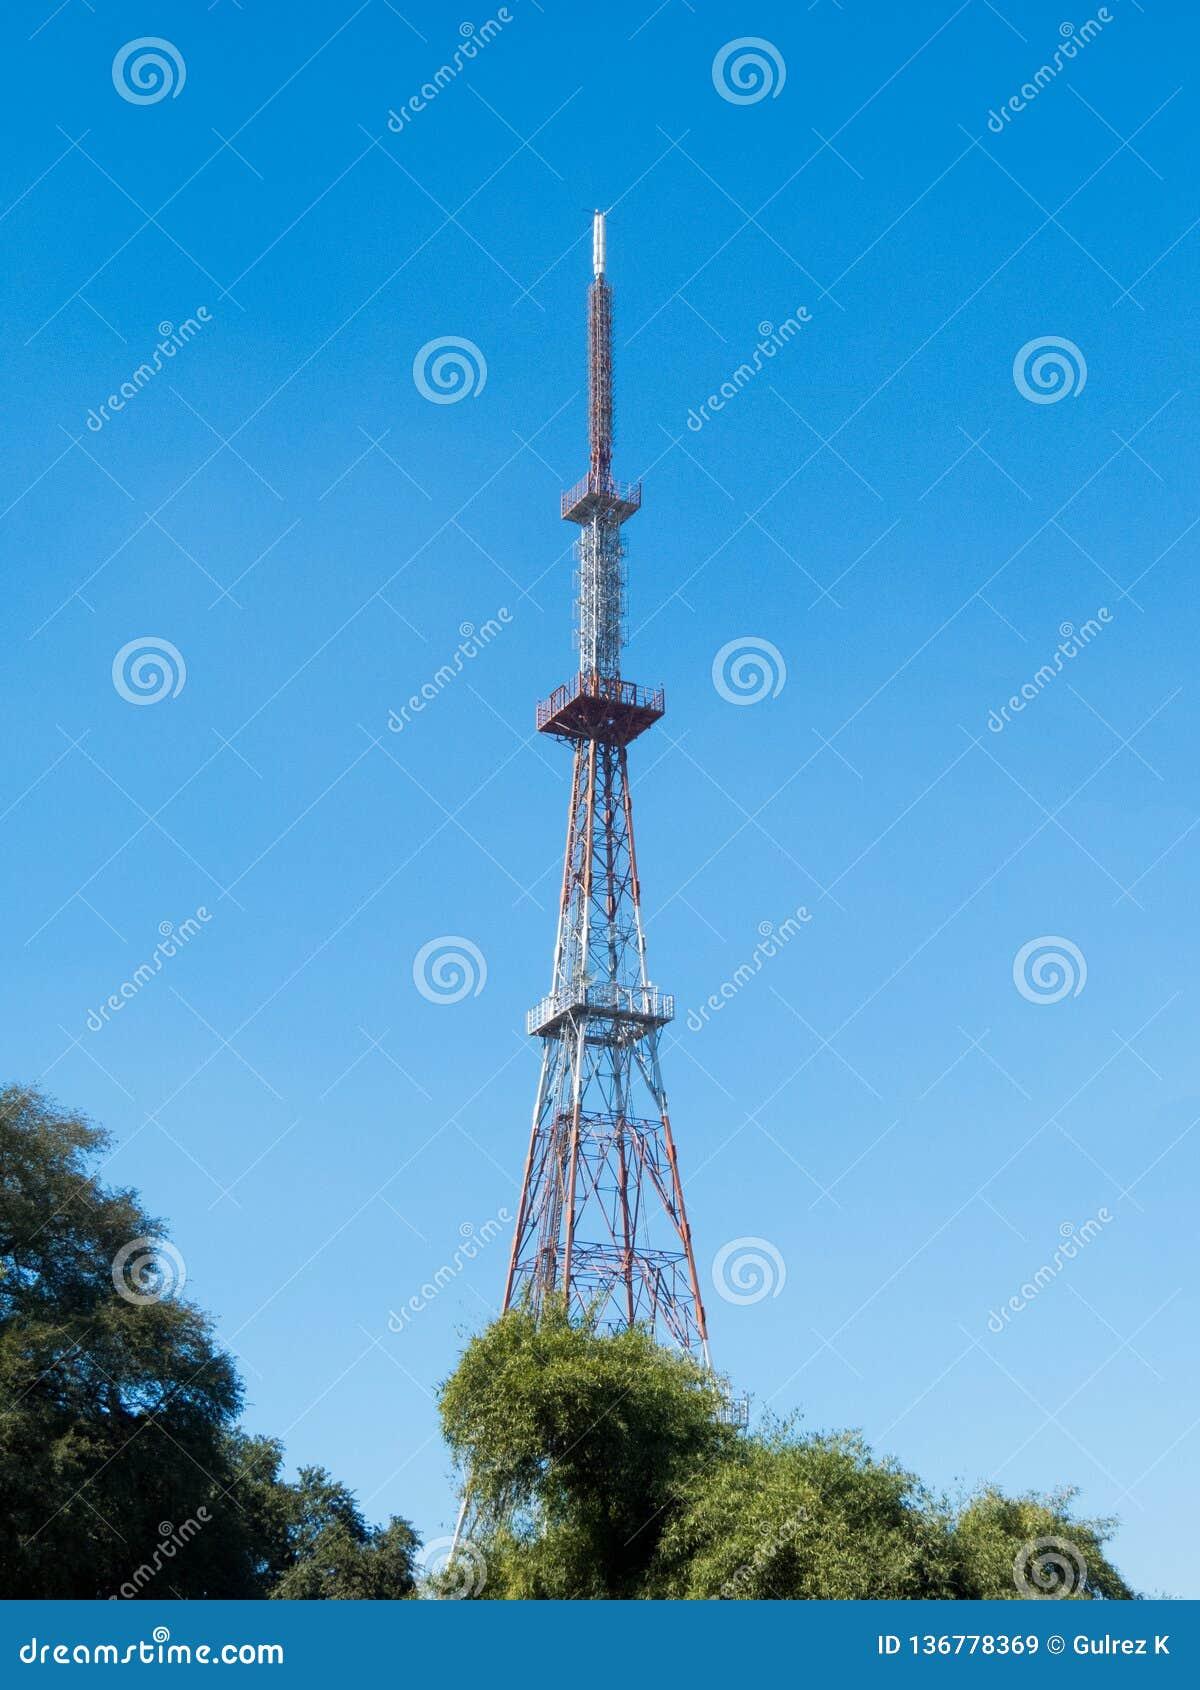 Ο τηλεοπτικός πύργος σε Indore, φαίνεται παρόμοιος με τον πύργο Παρίσι του Άιφελ